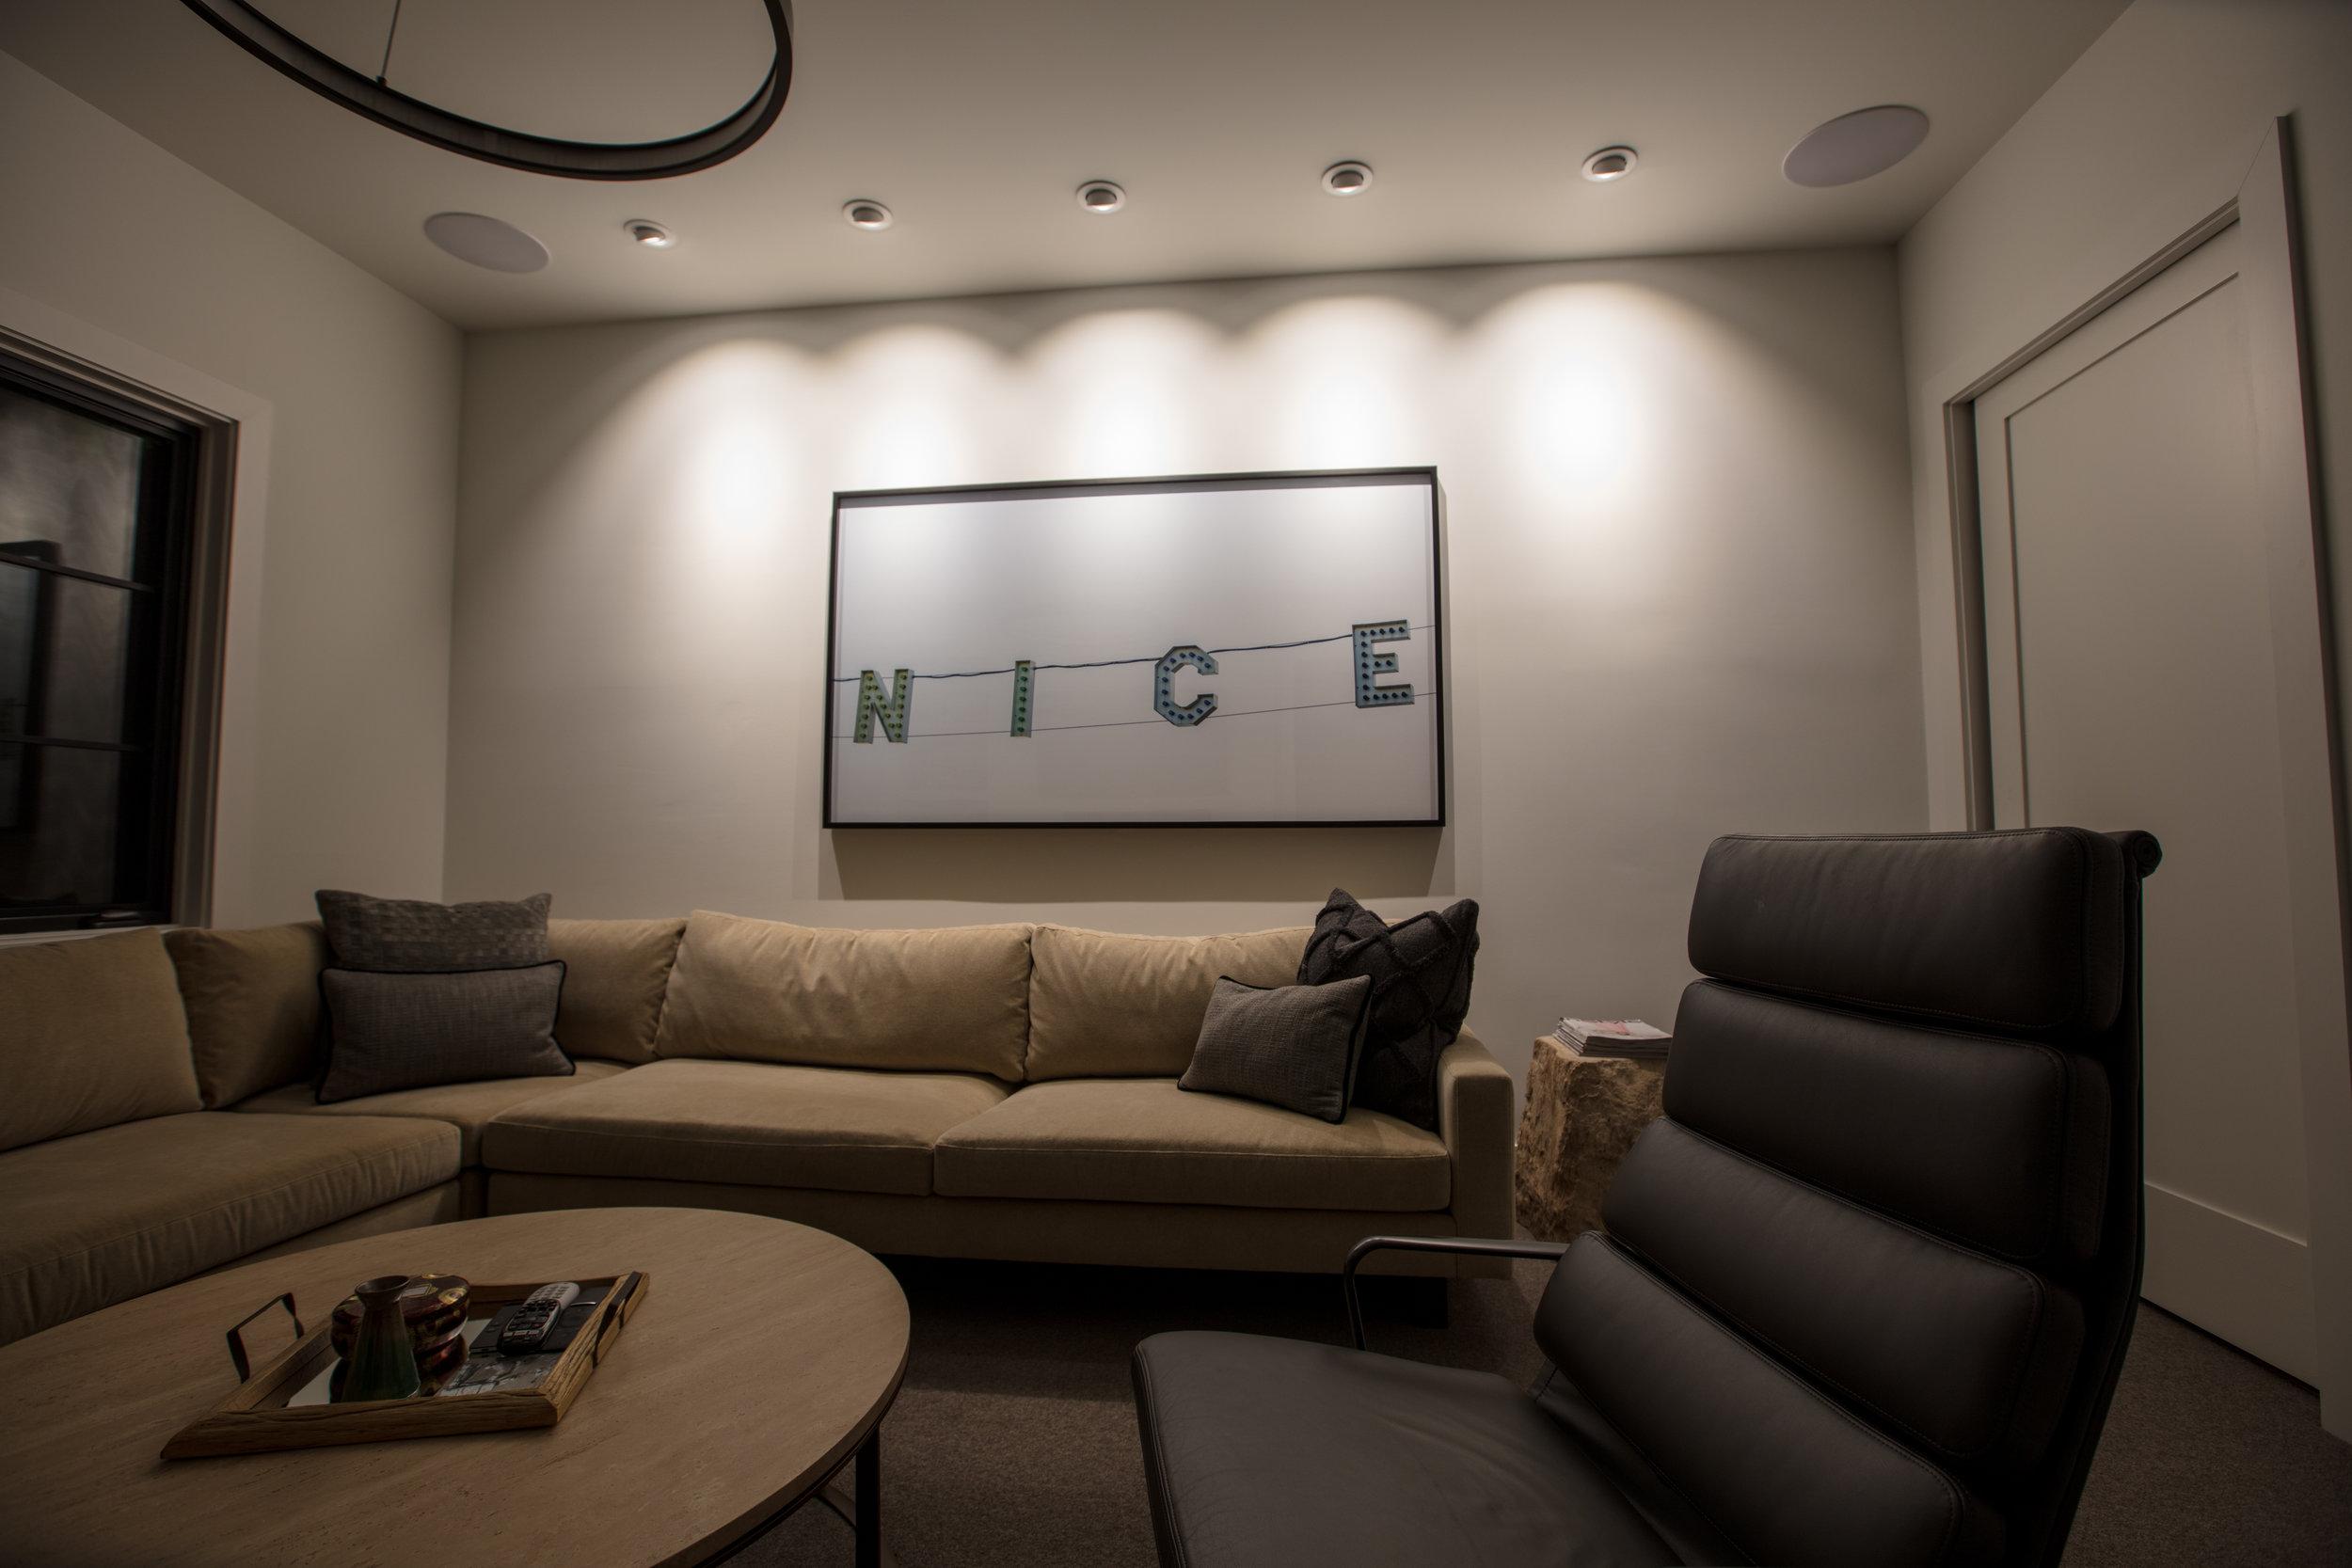 NICE Installation 1.jpg